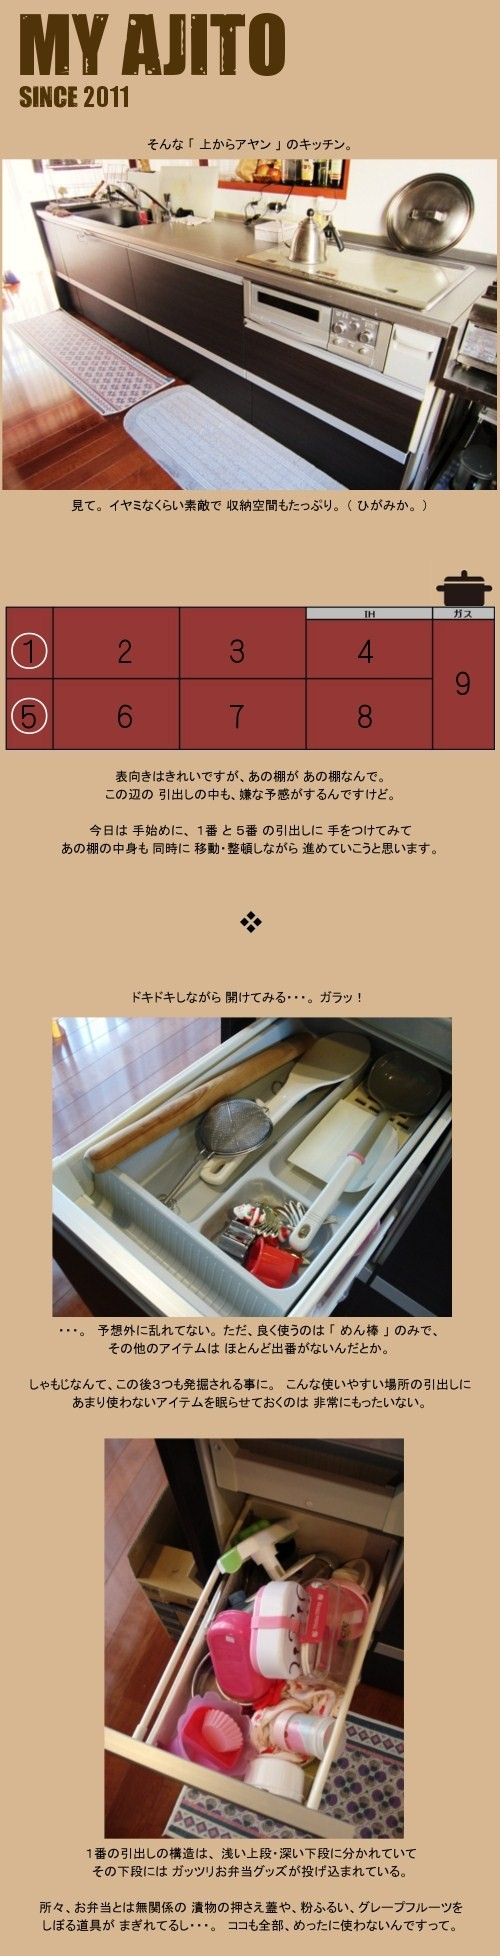 ayan_k1_4.jpg